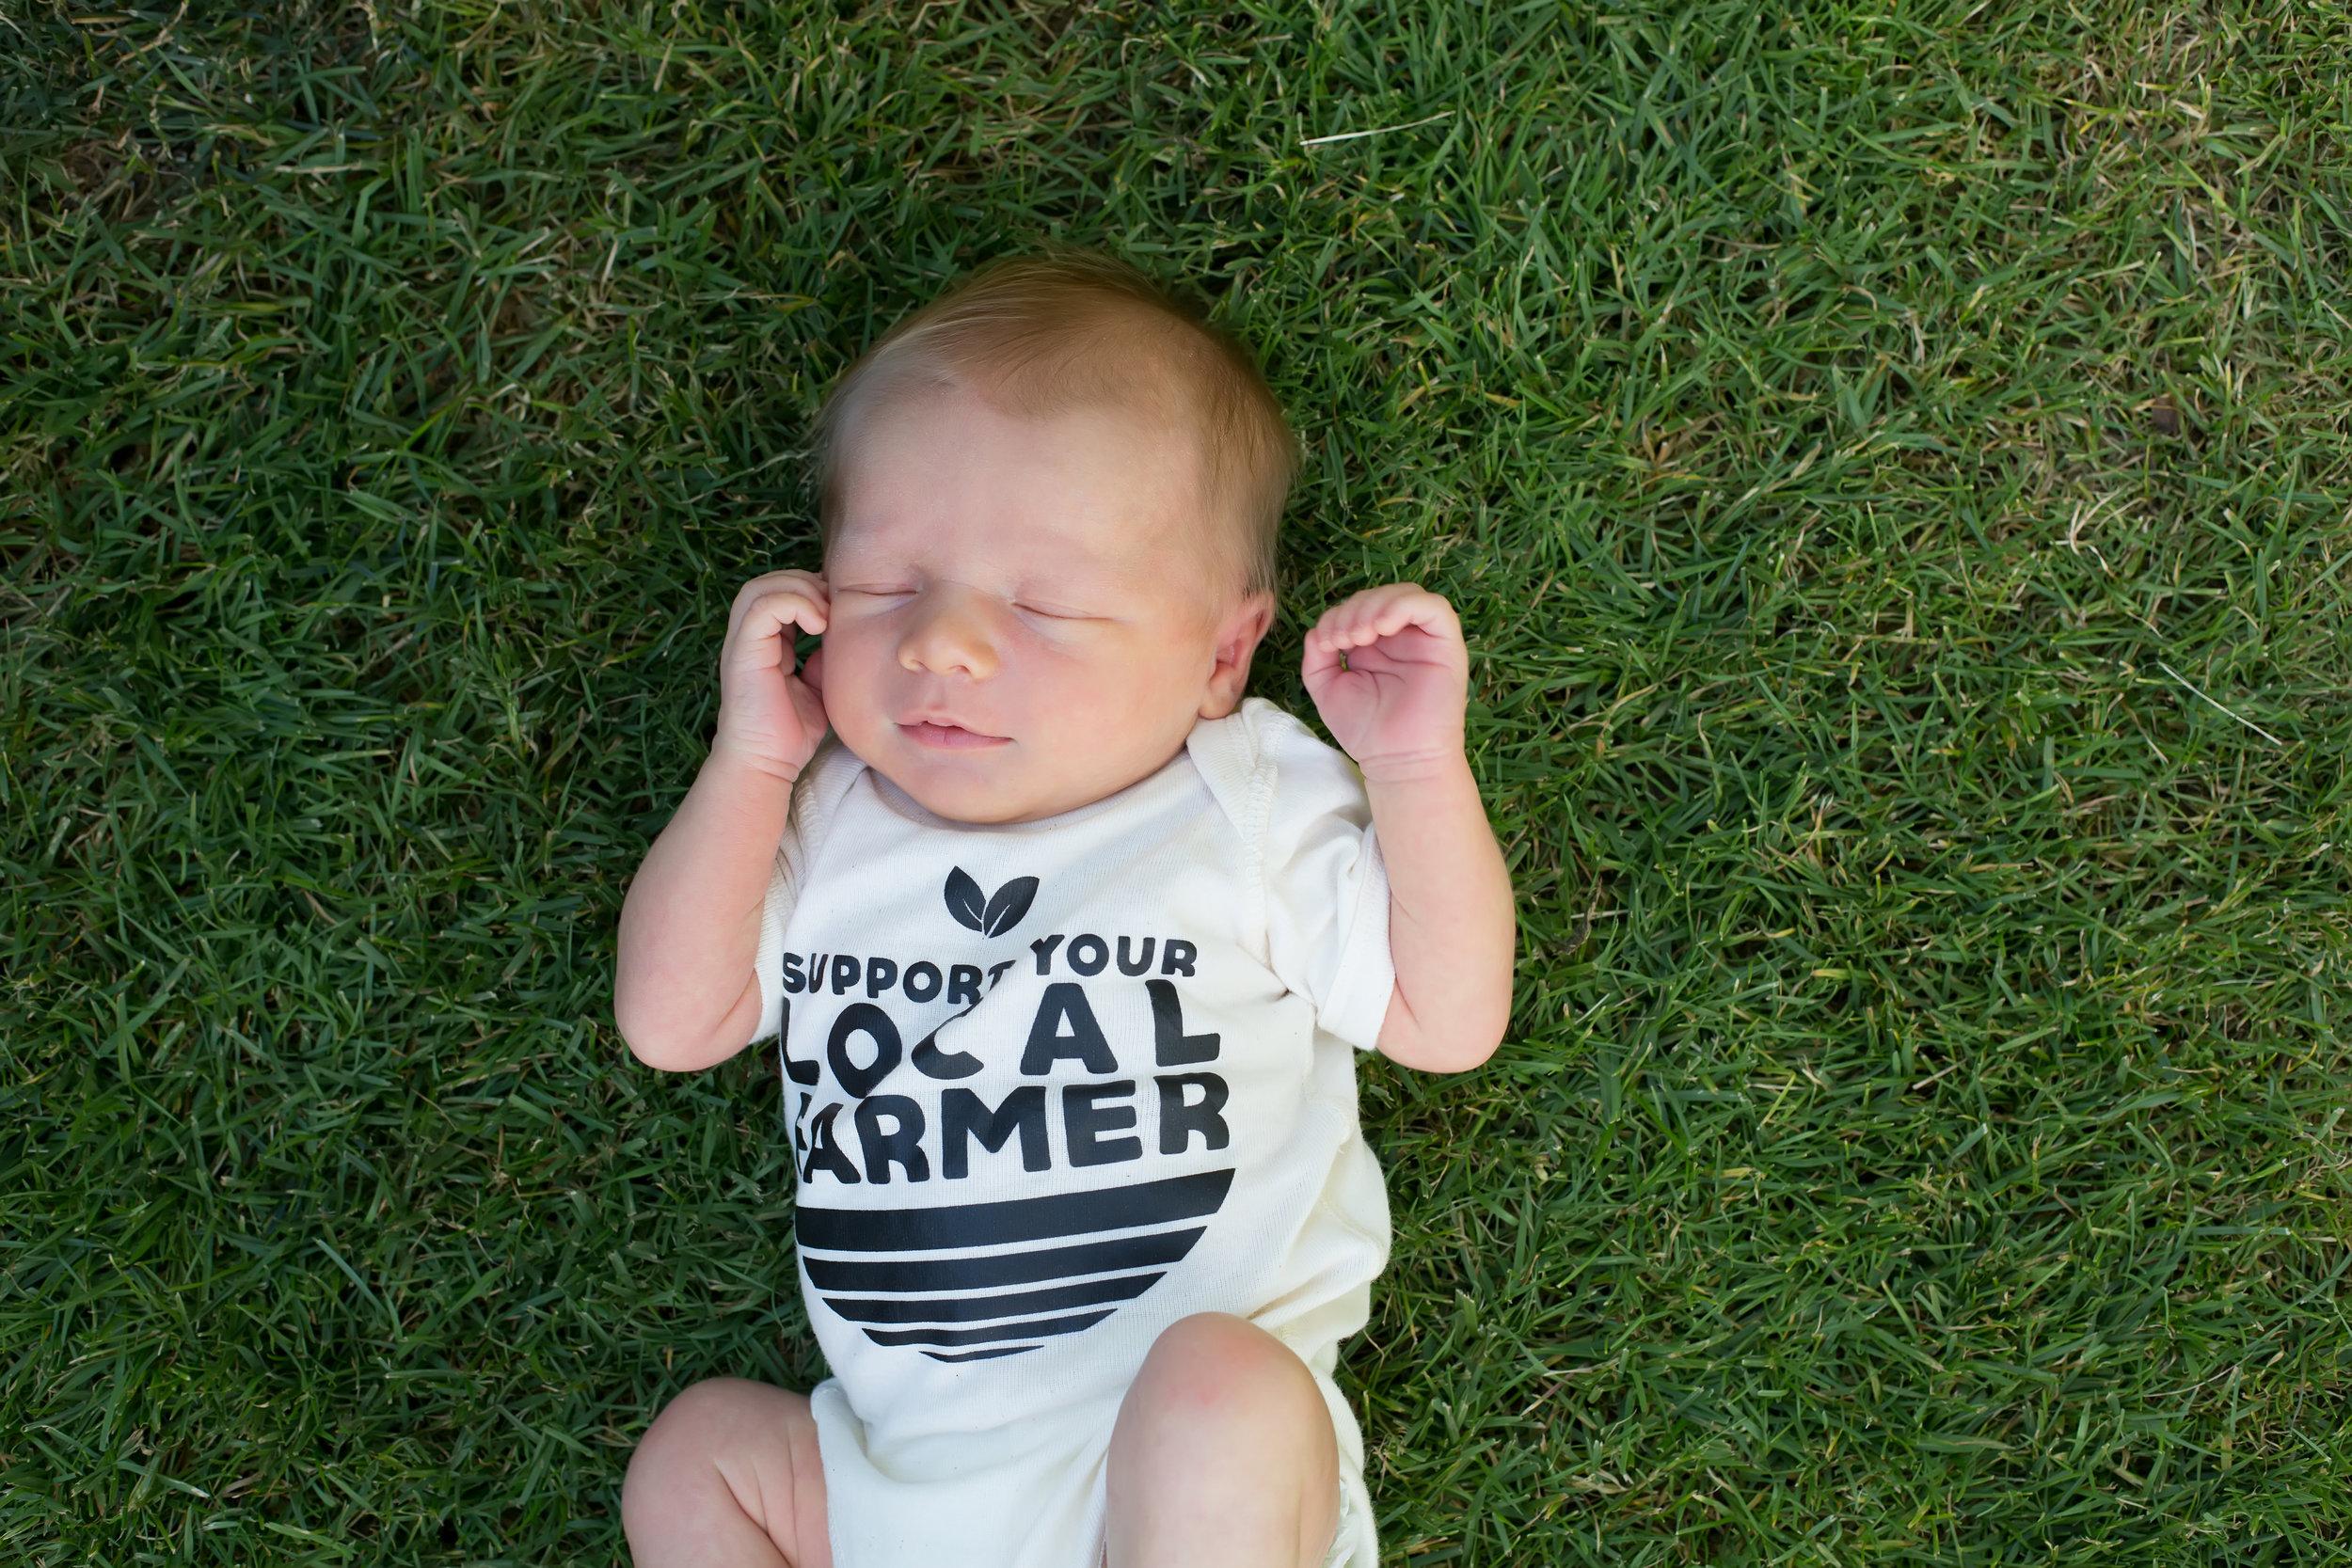 Farmers Market baby shower onesie